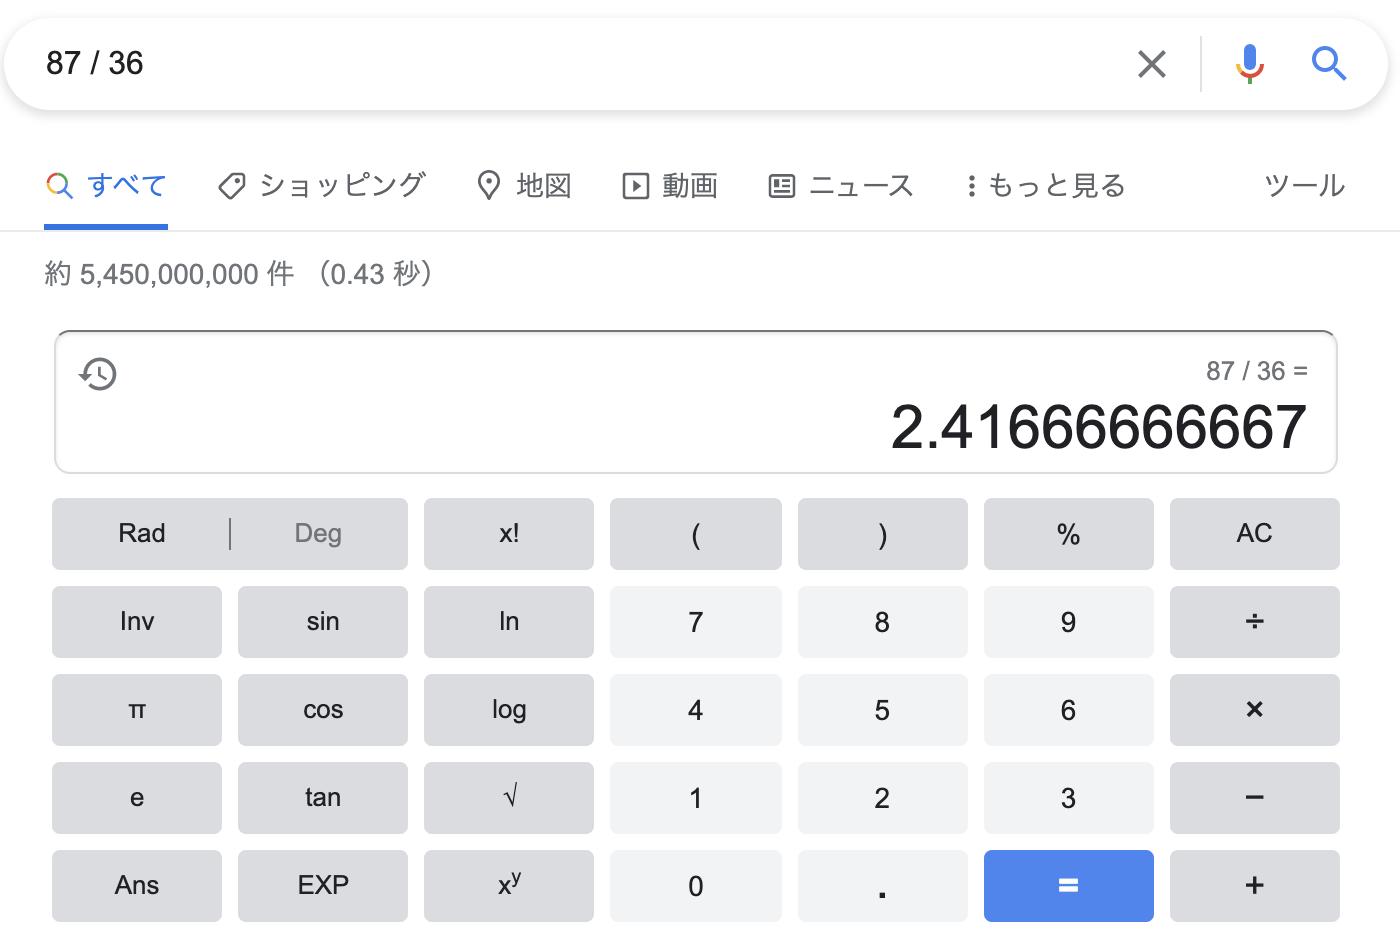 データ駆動野球観戦電卓のイメージカット